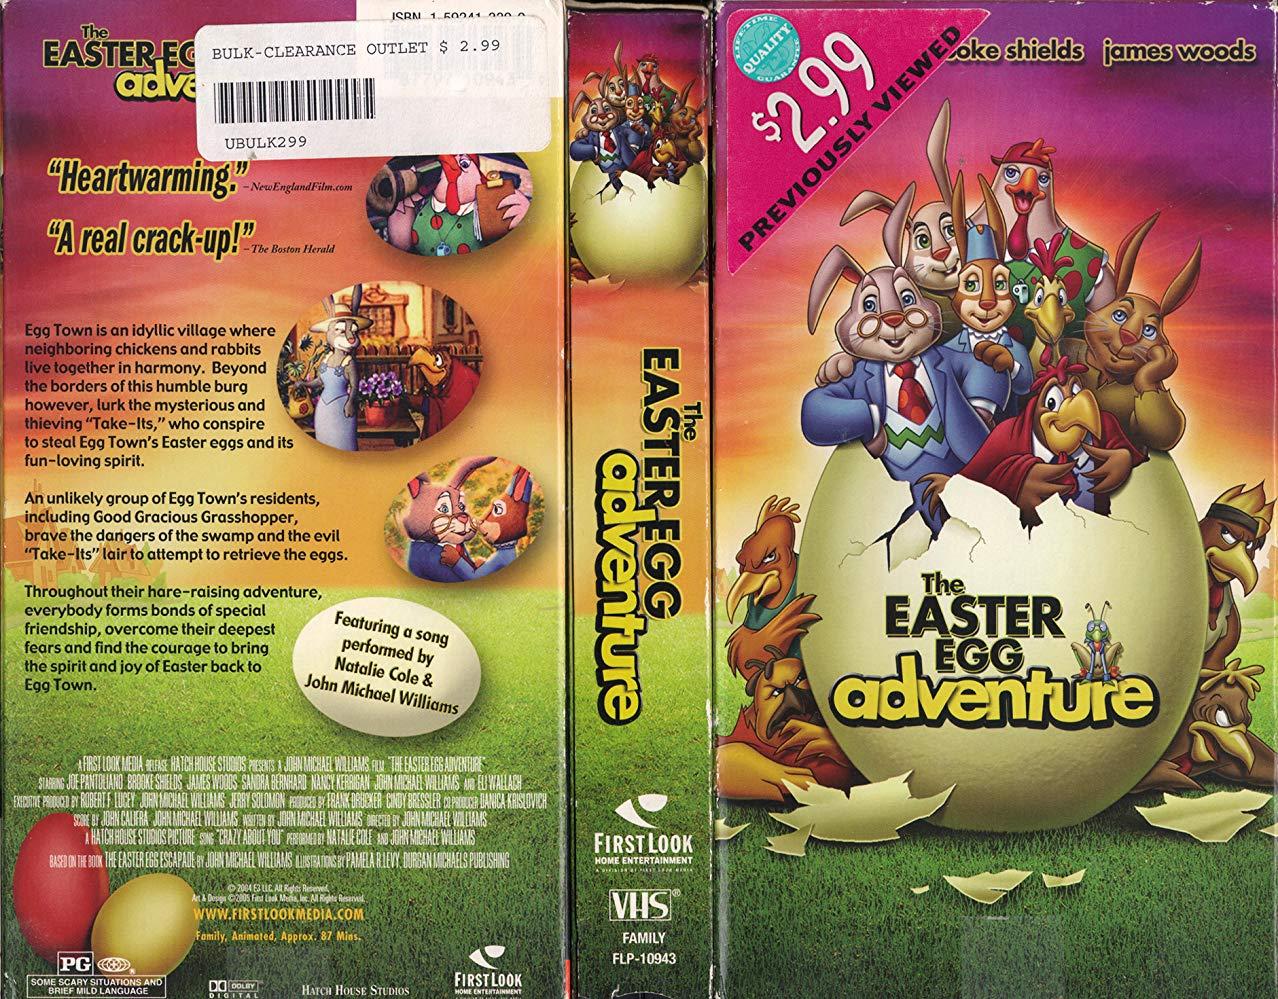 Las aventuras del huevo de Pascua